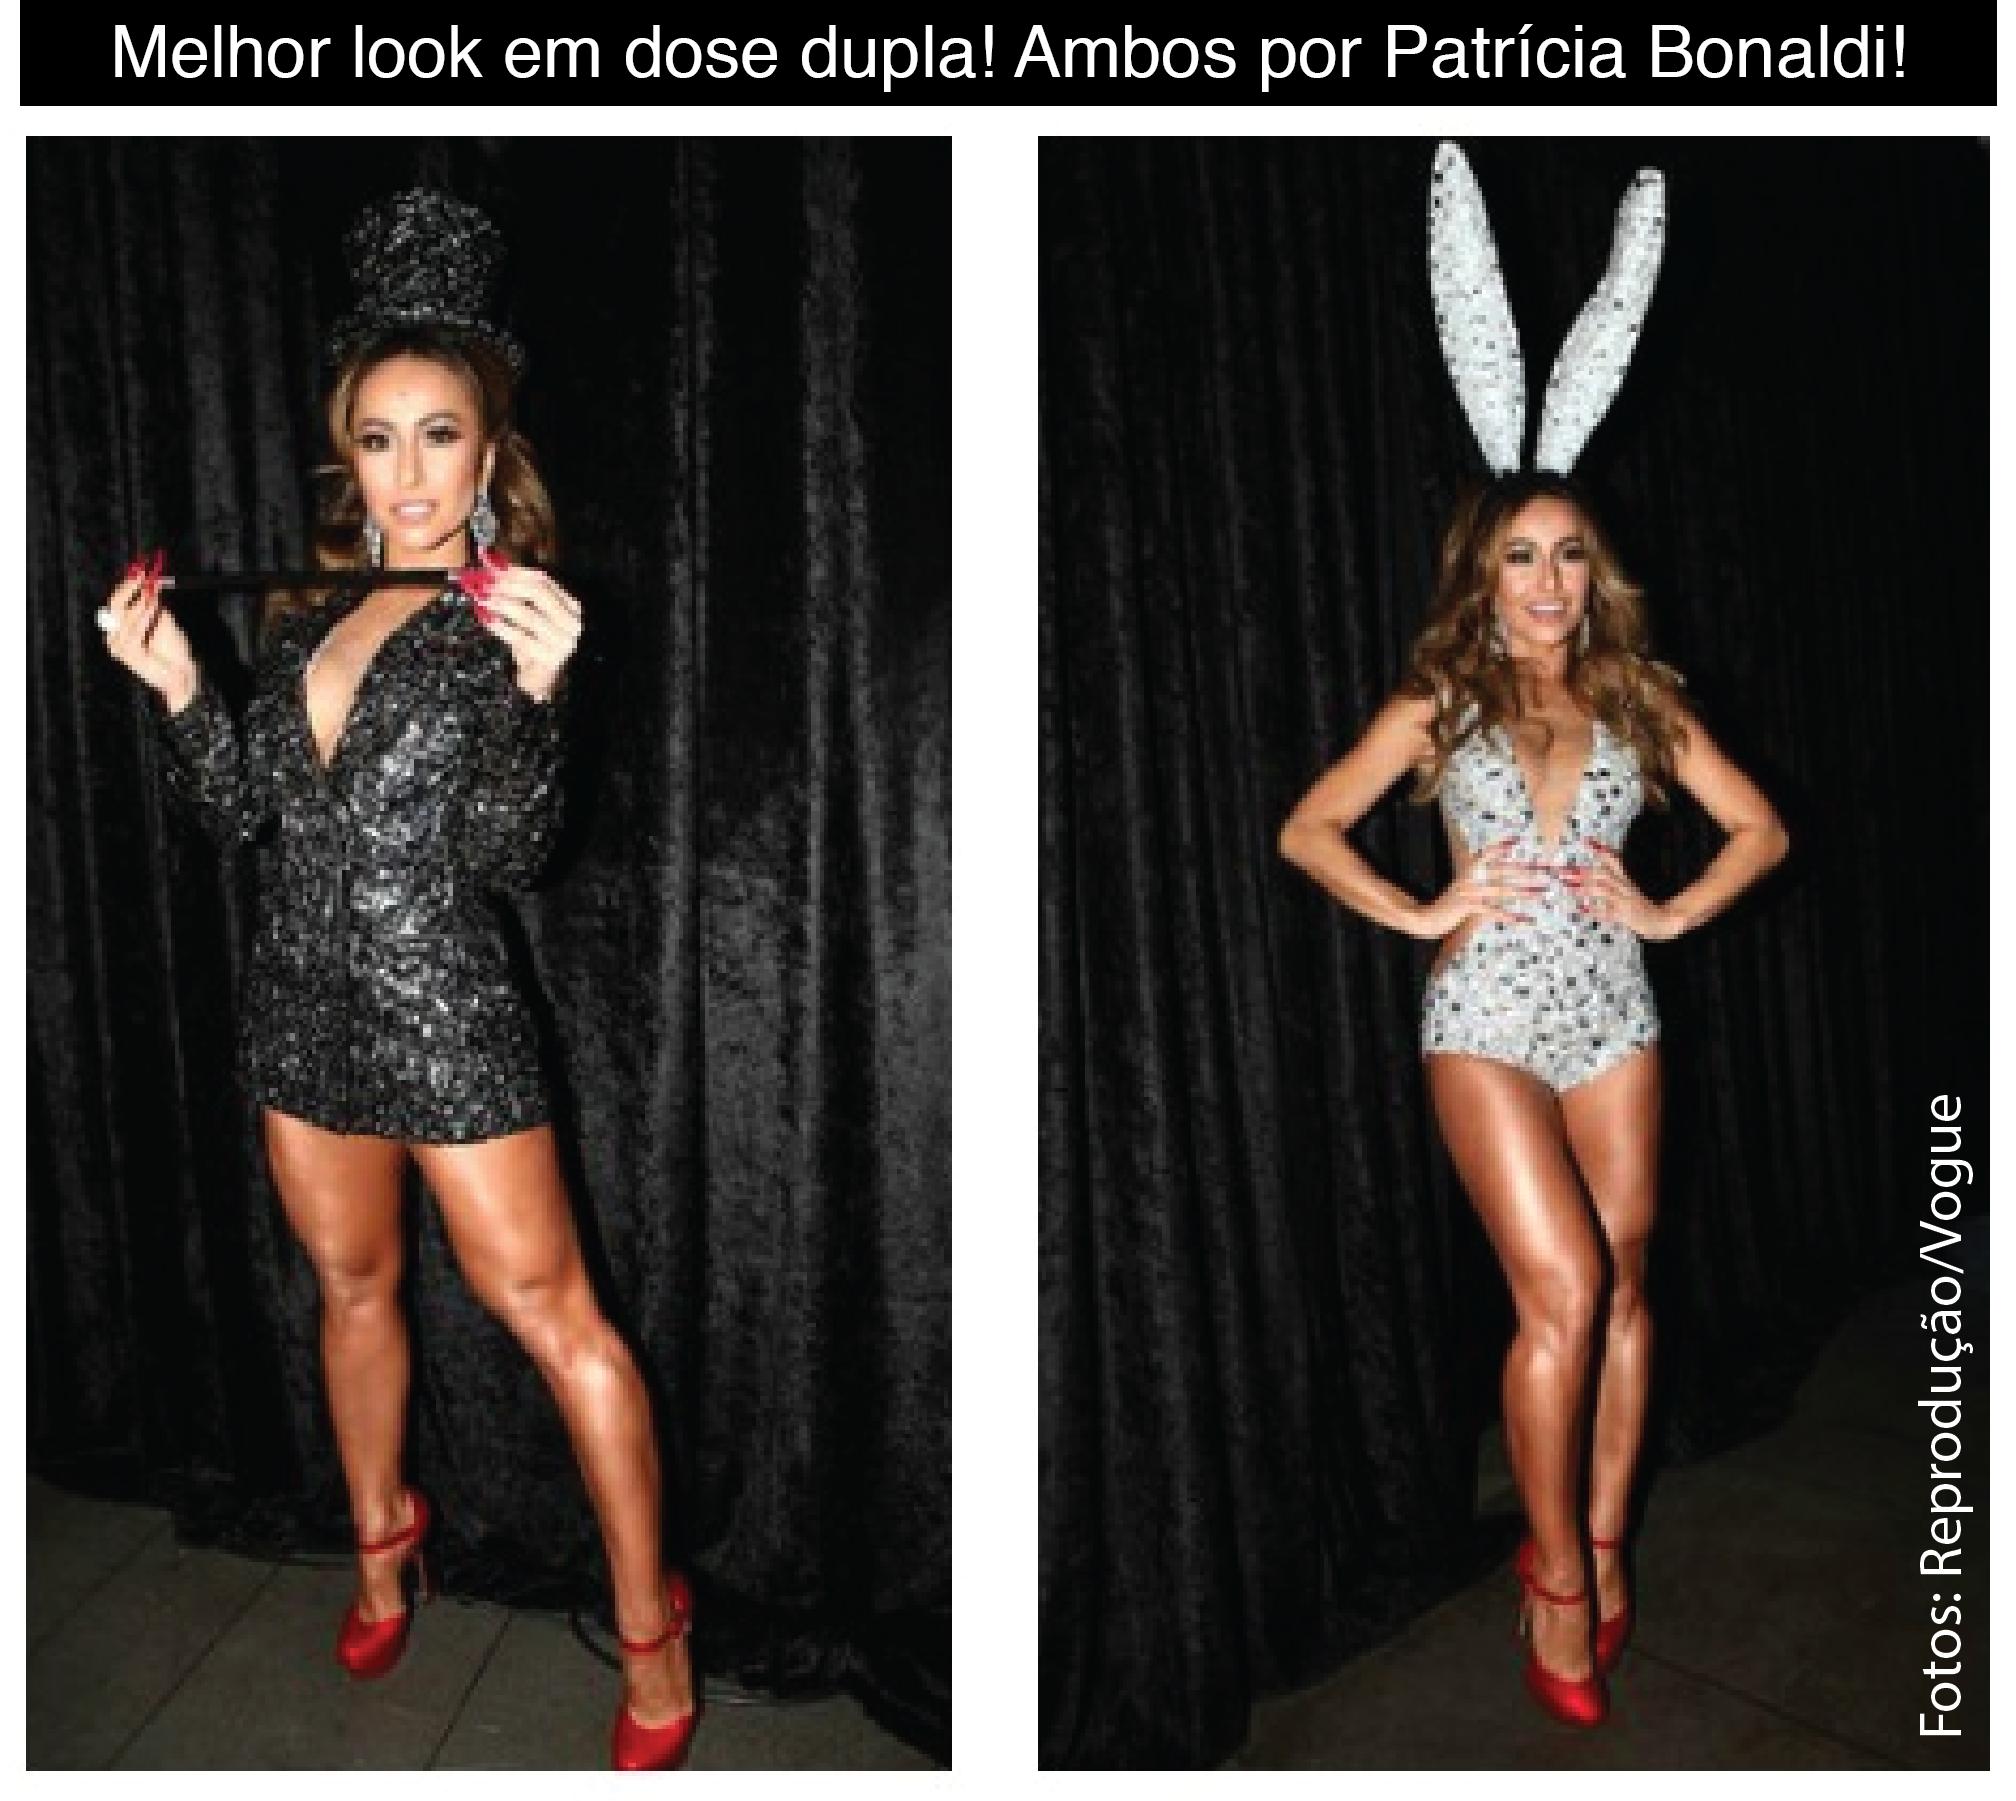 Resumo do Baile Vogue – 2013   Blog de moda do Brechó Capricho à Toa 1da4d171ae